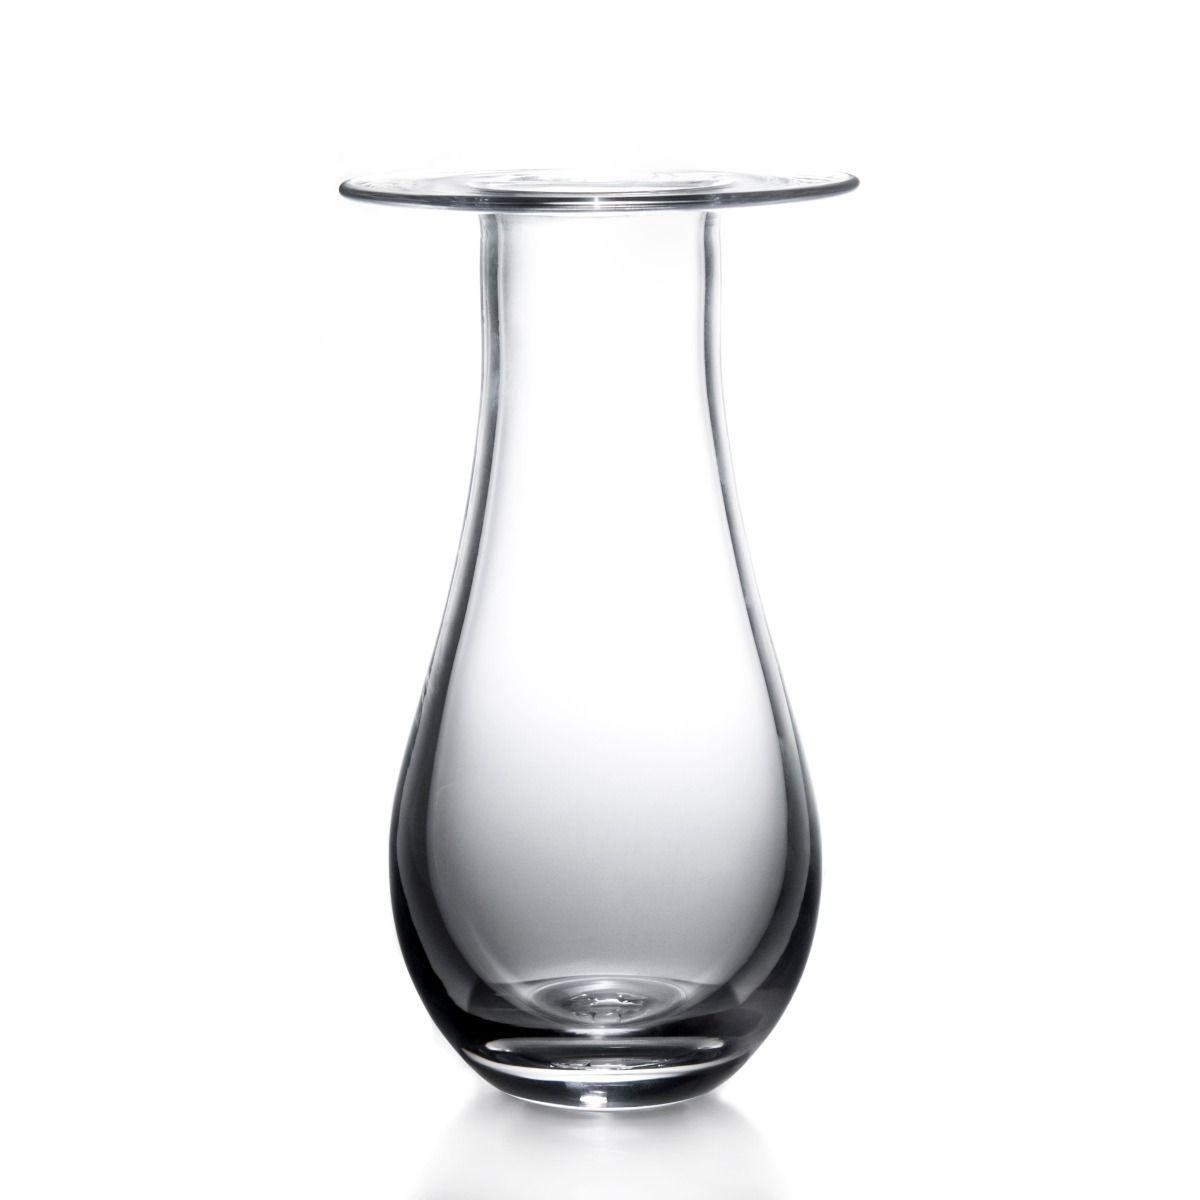 simon pearce woodbury vase of celebration vase large pertaining to 3299 celebrationvasel